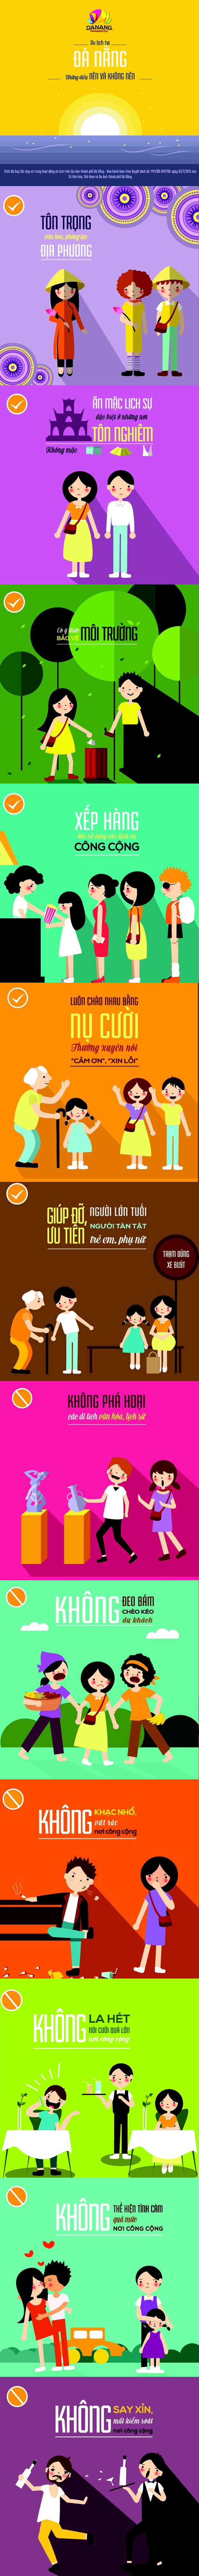 Đà Nẵng ban hành Bộ quy tắc ứng xử về du lịch bằng hình ảnh